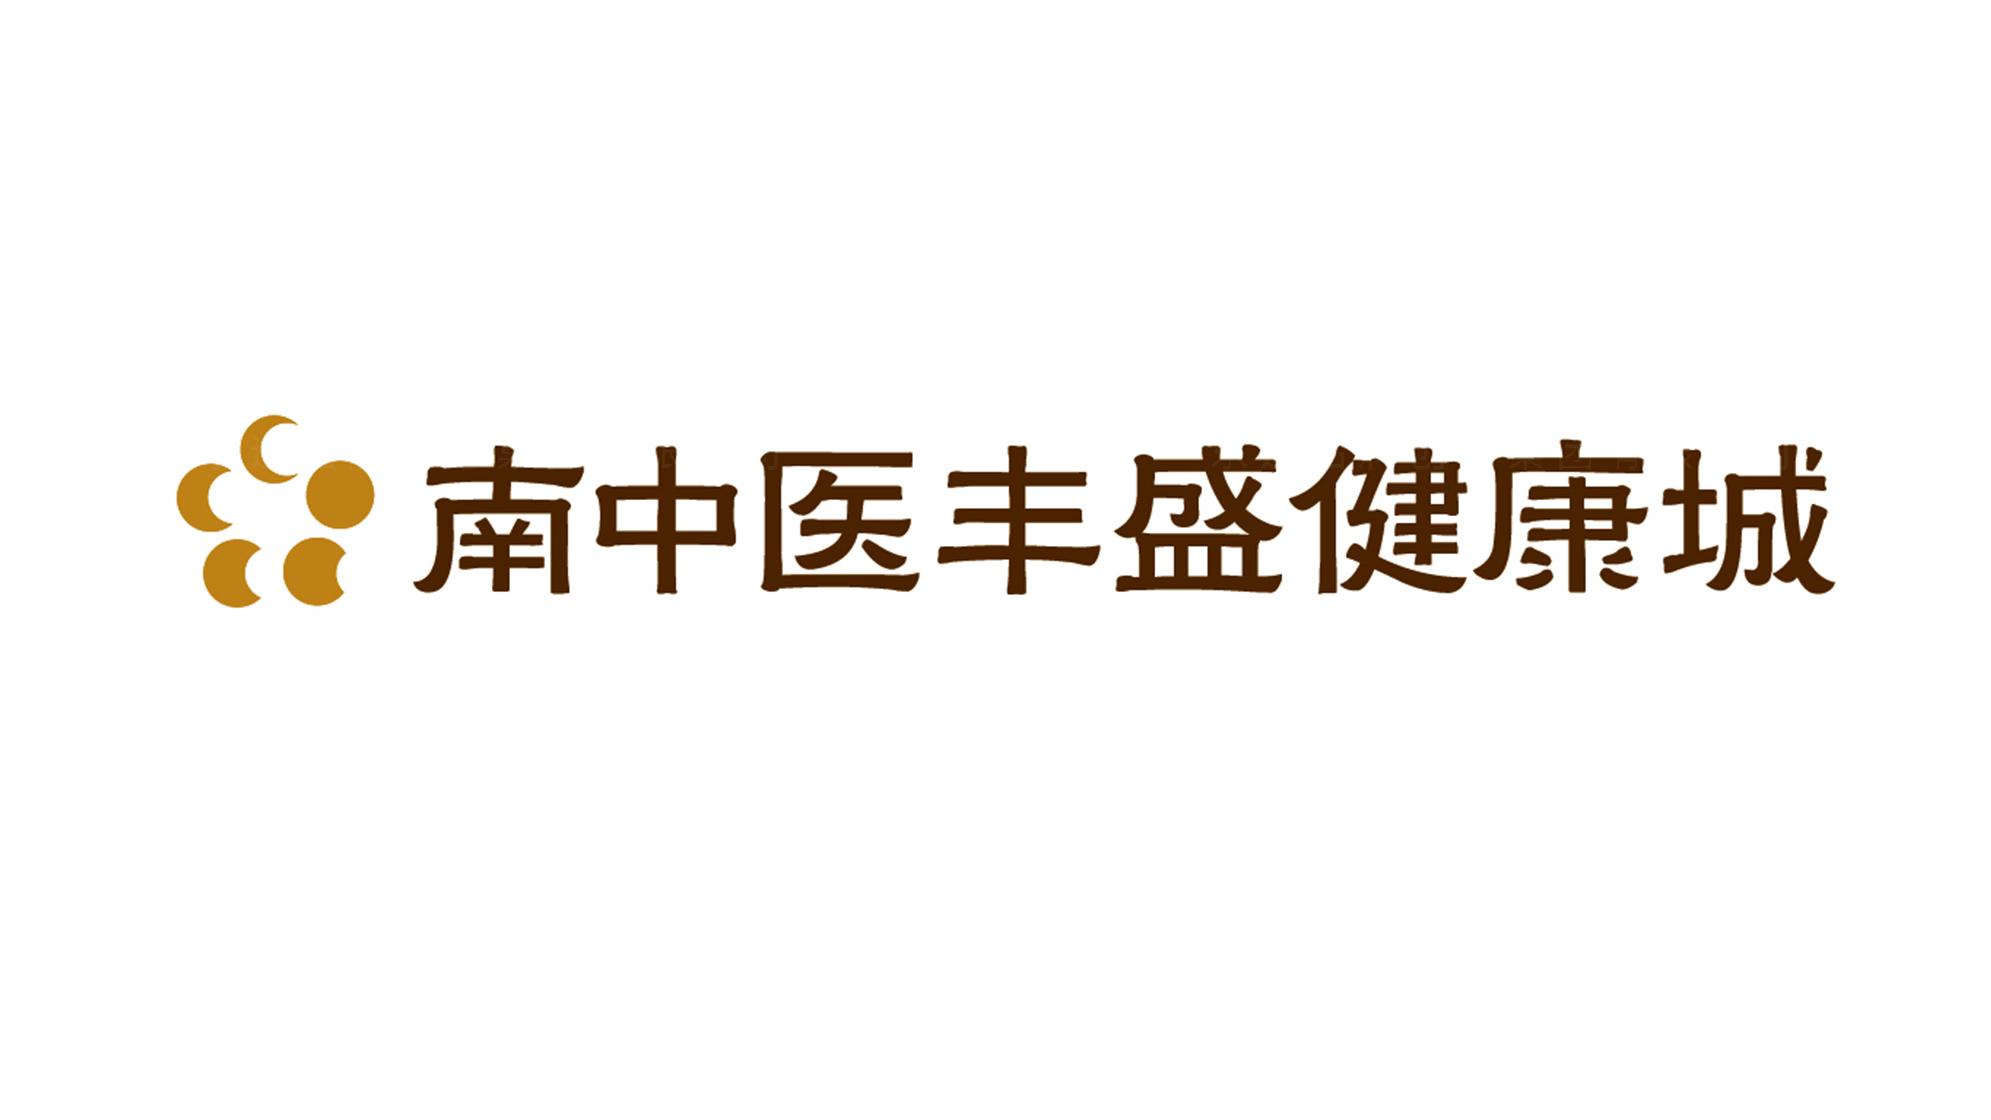 教育科研品牌设计南中医丰盛健康城LOGO&VI设计